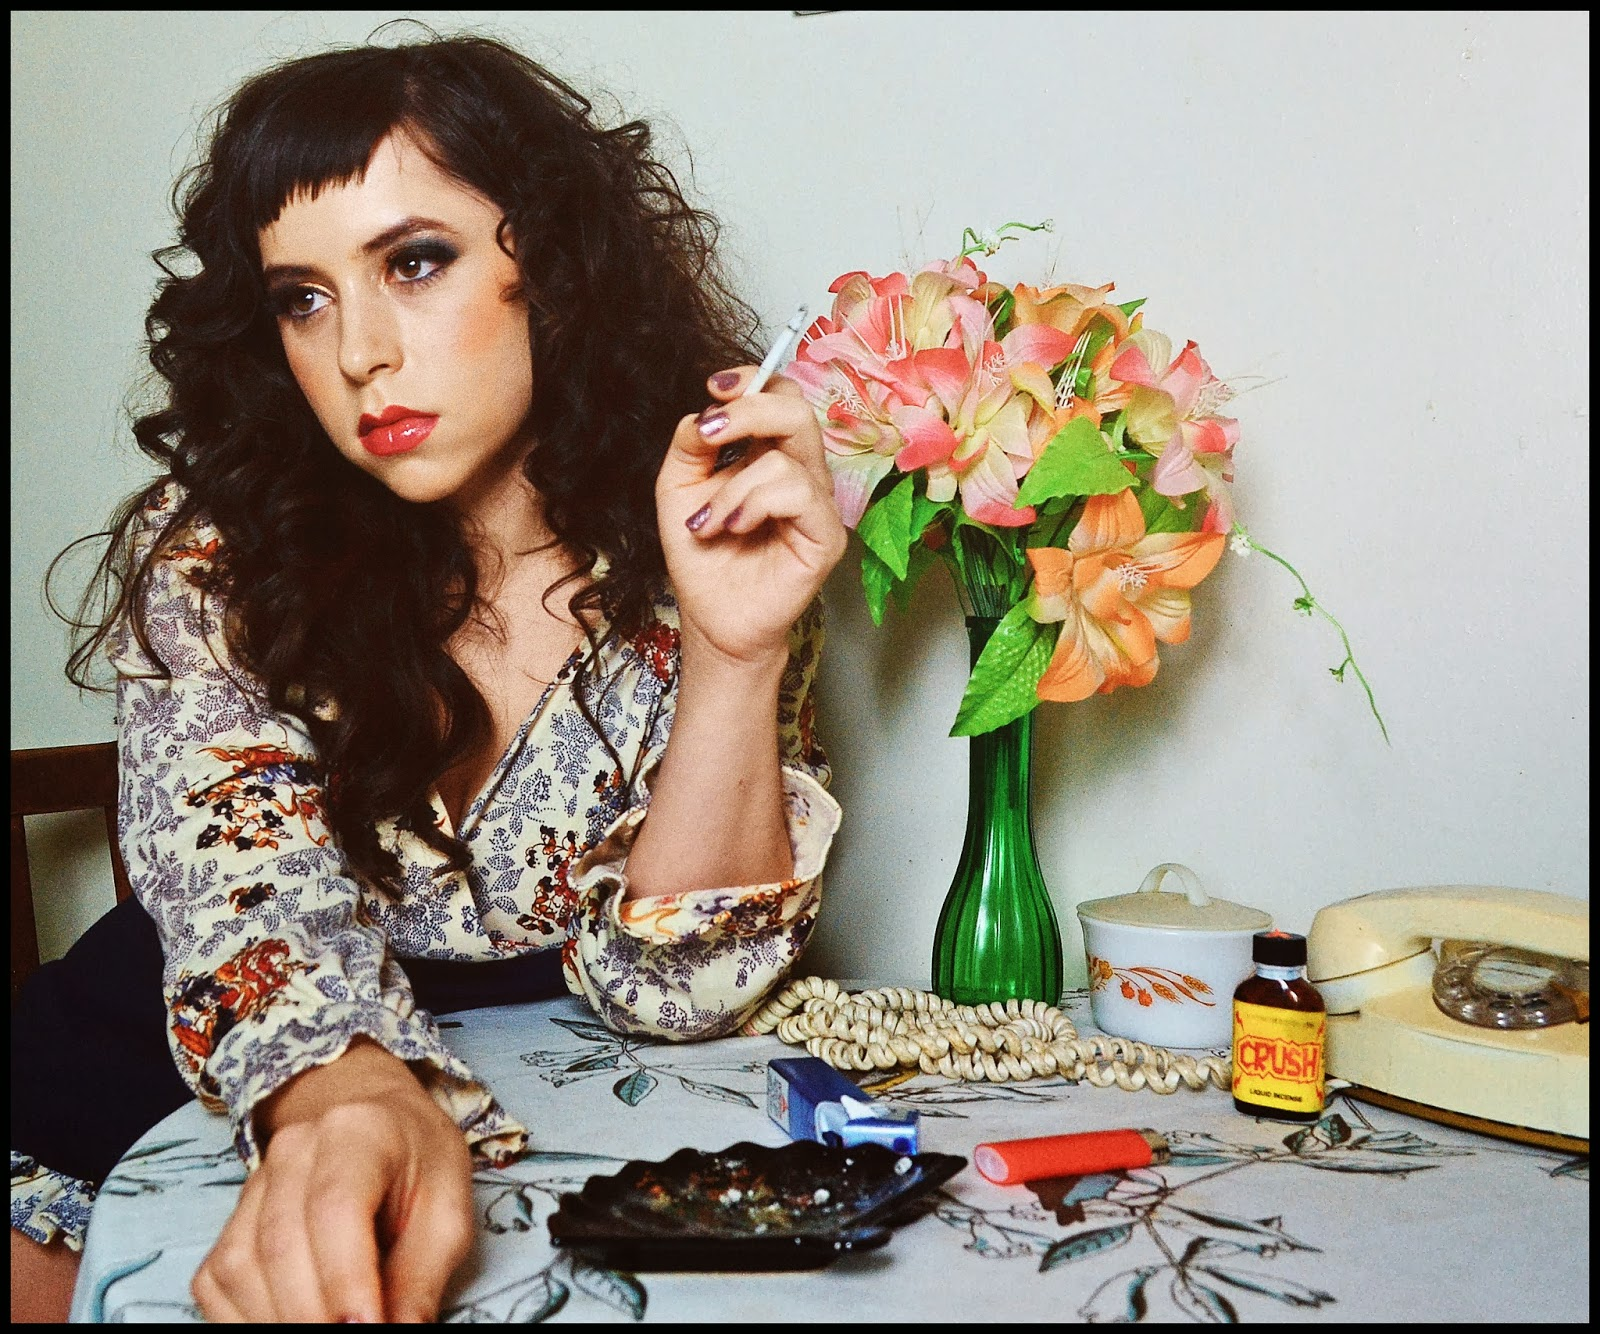 Photo by Garrett Shore , hair and makeup by Drea Lorraine.